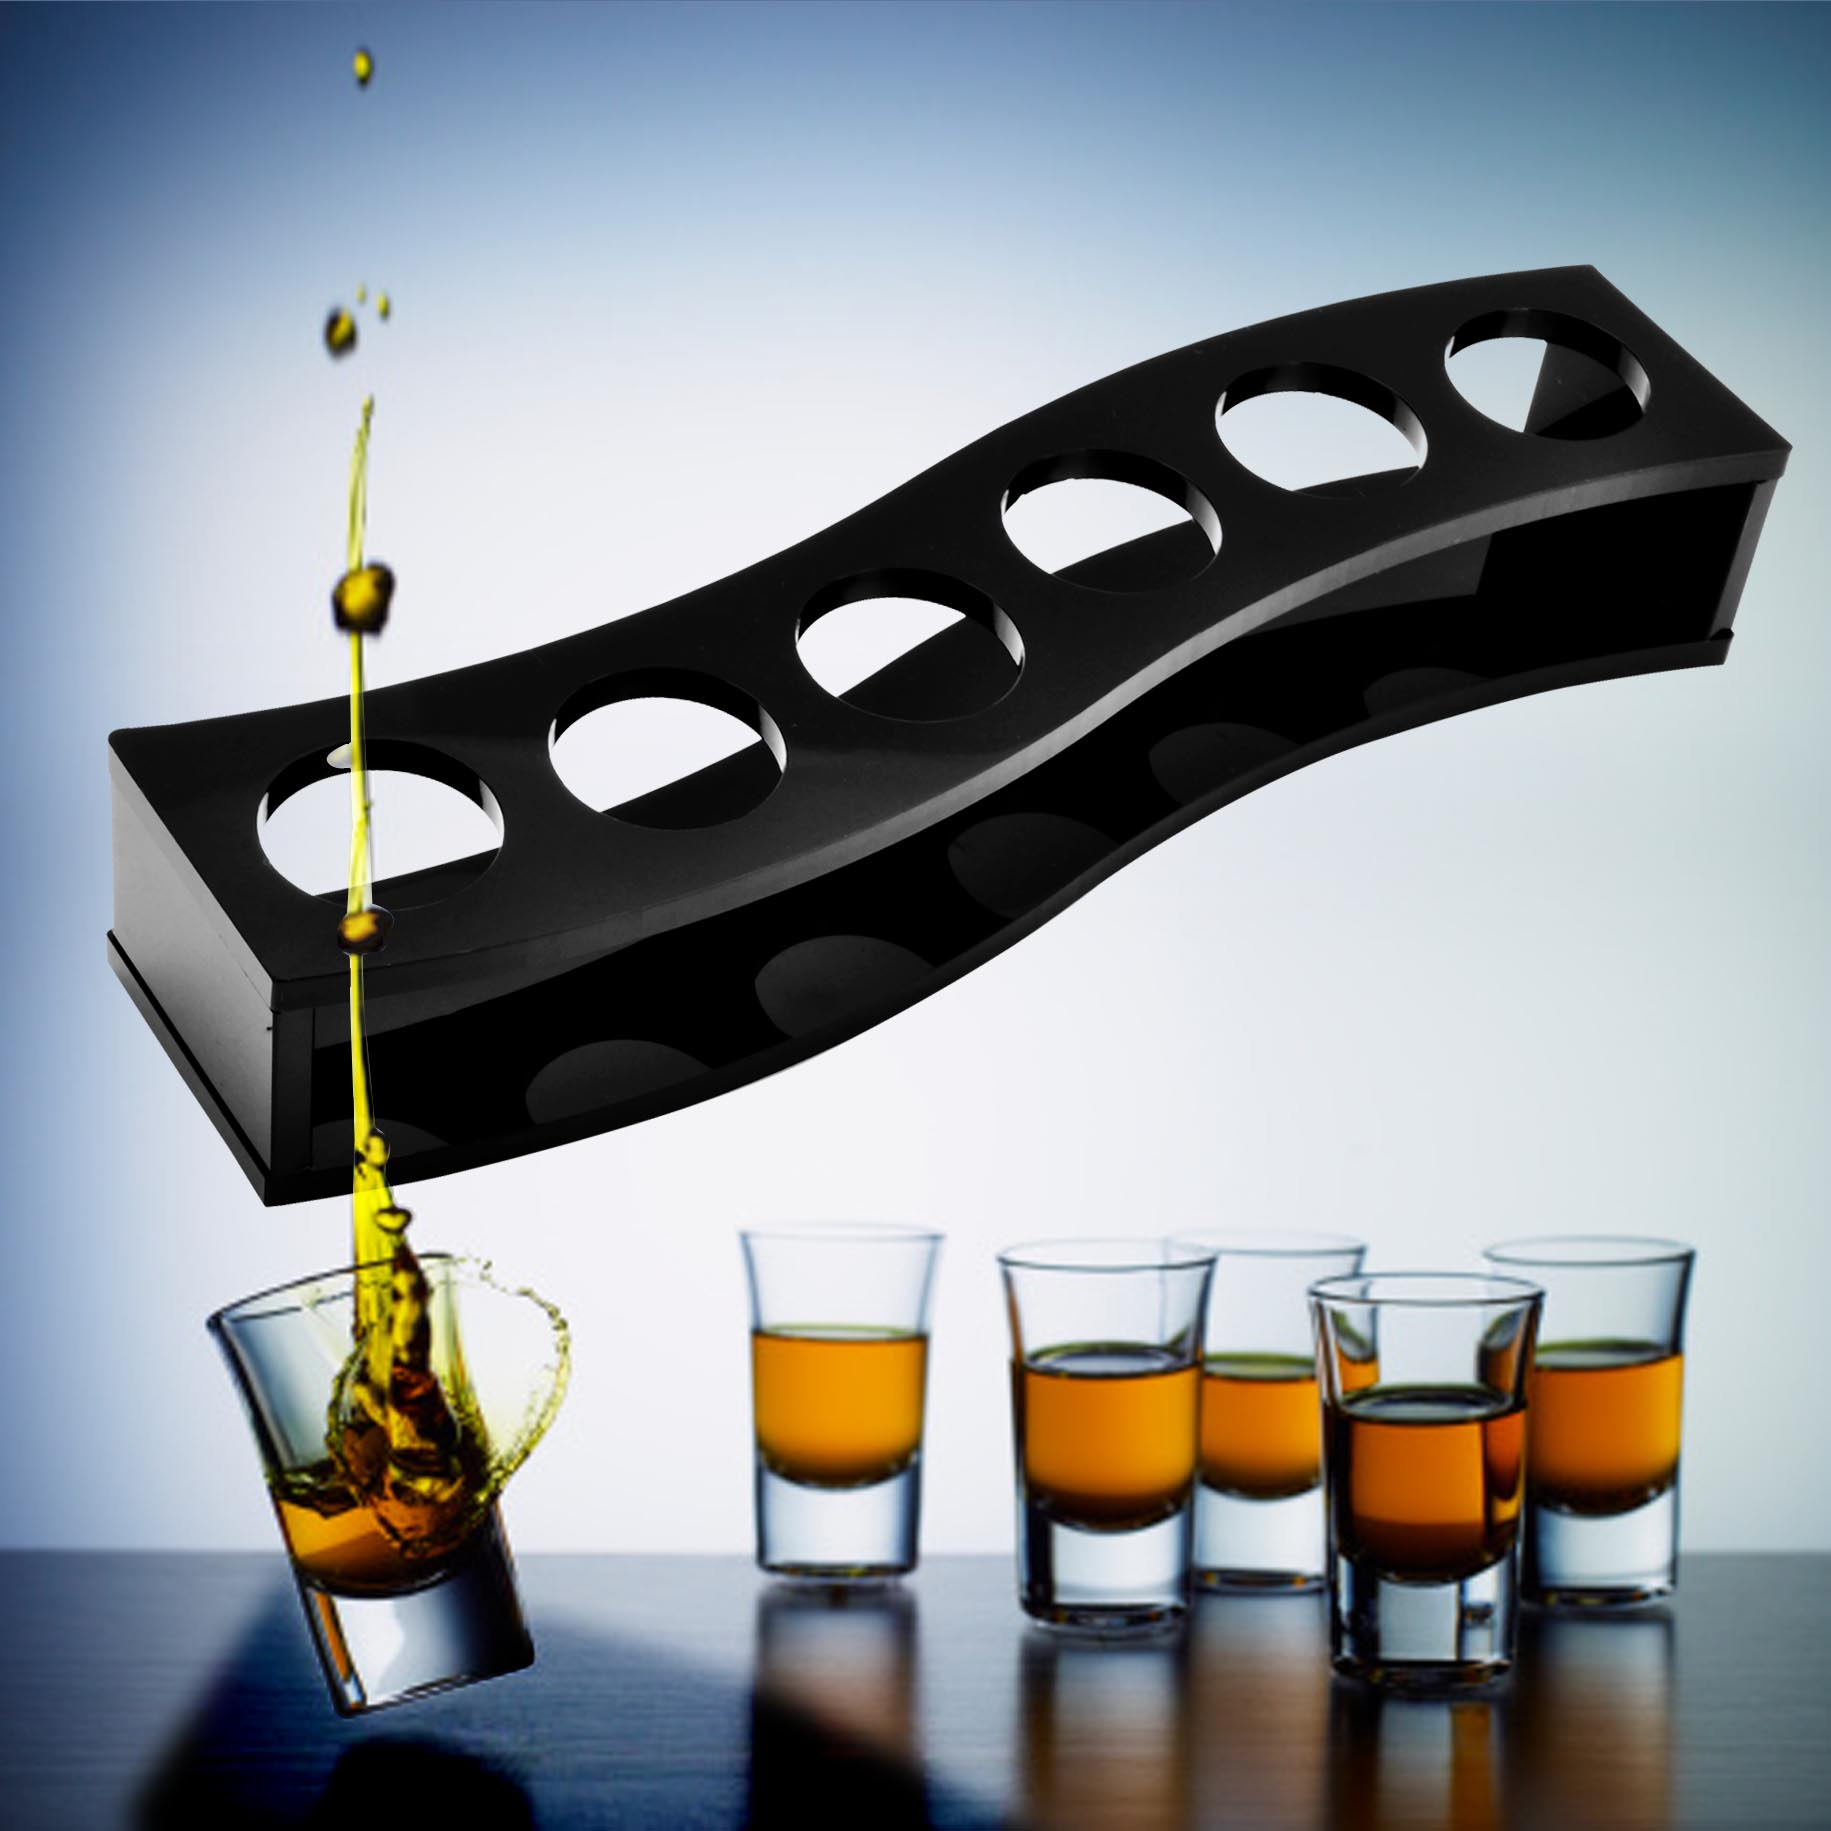 子彈杯雞尾酒杯6隻吞杯 木杯架套裝小烈酒杯玻璃杯白酒一口杯包郵